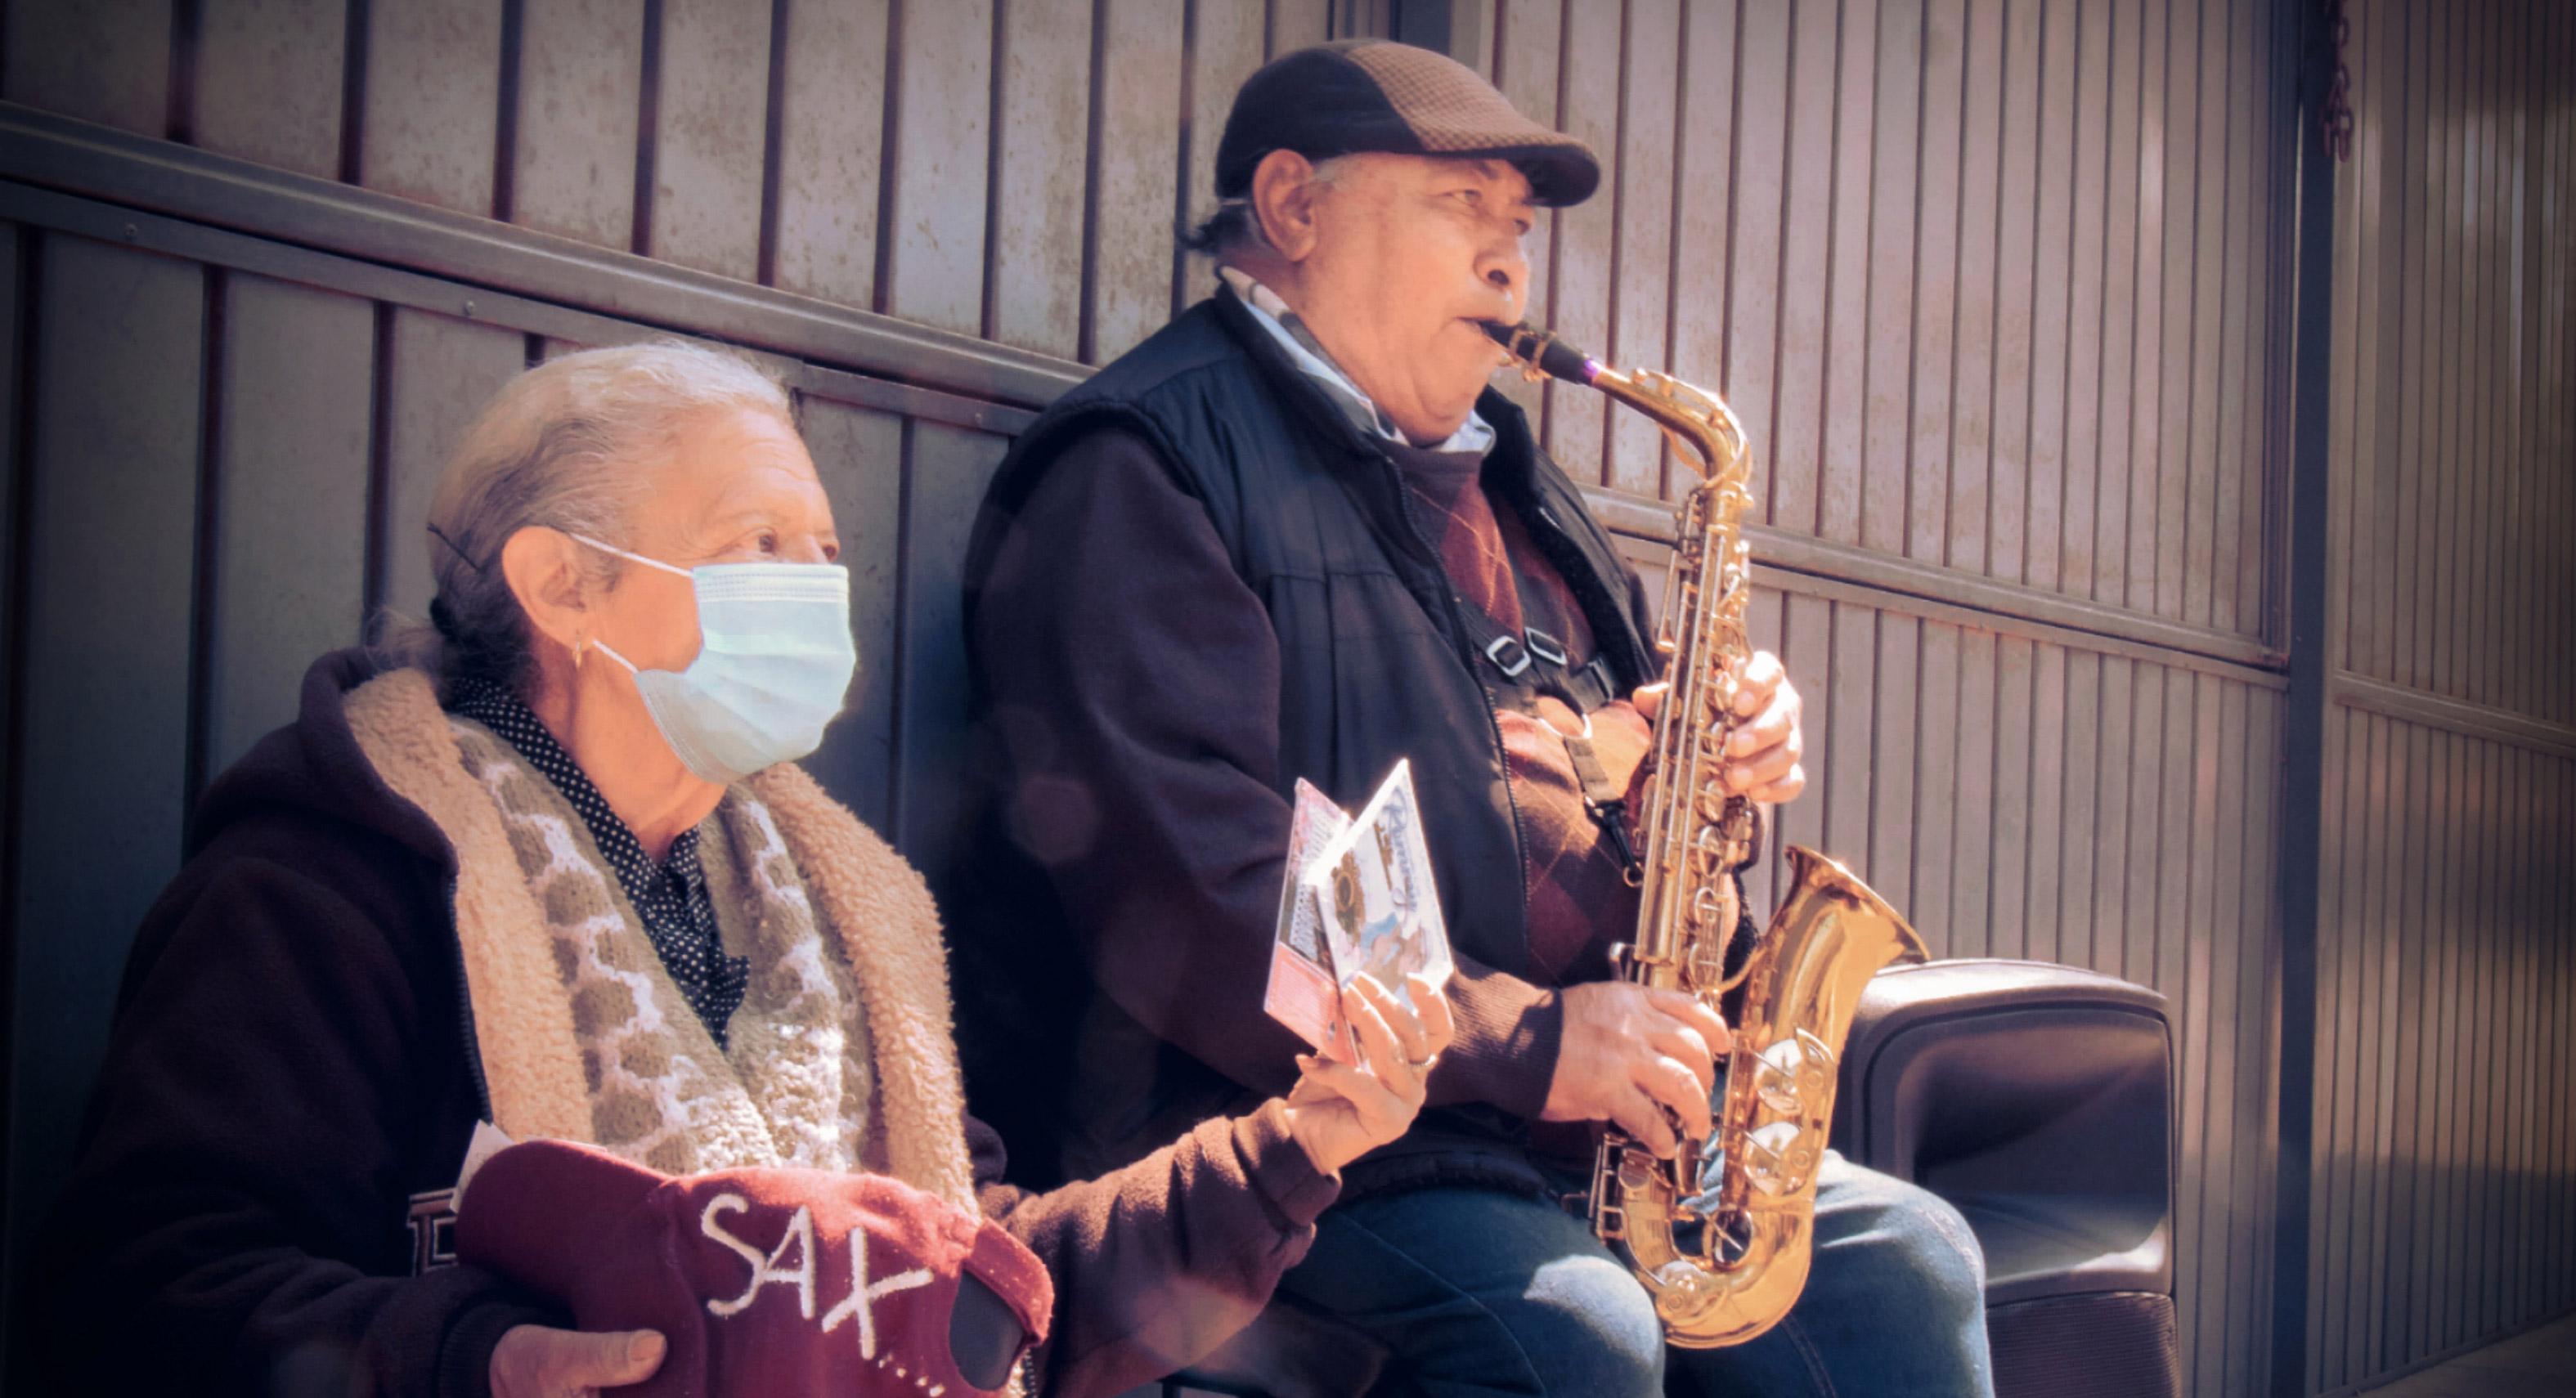 El saxofonista de los portales de Toluca